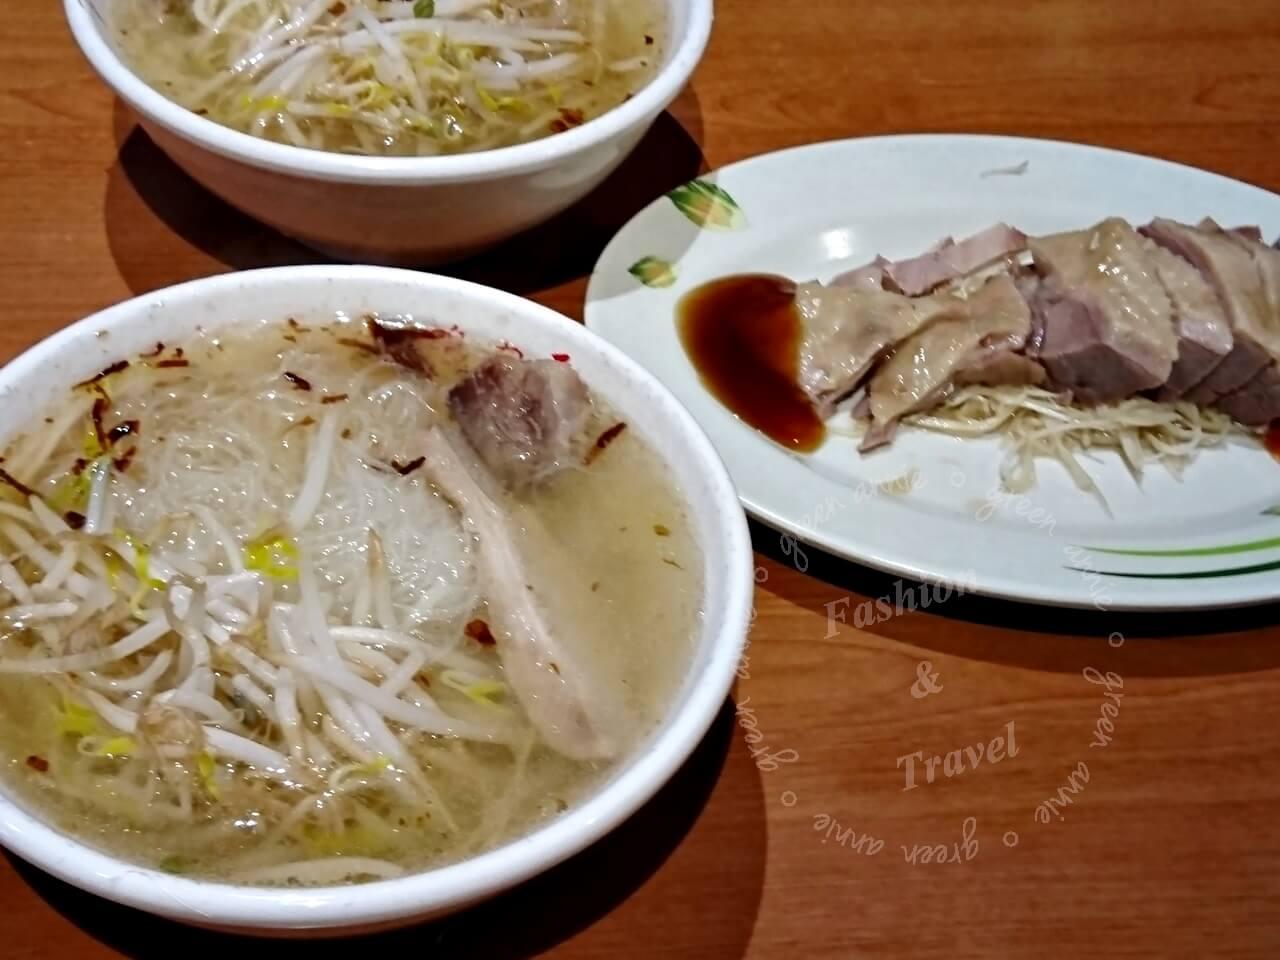 西門町美食,中華路上鴨肉扁~只賣鵝肉,賣了60多年的老店